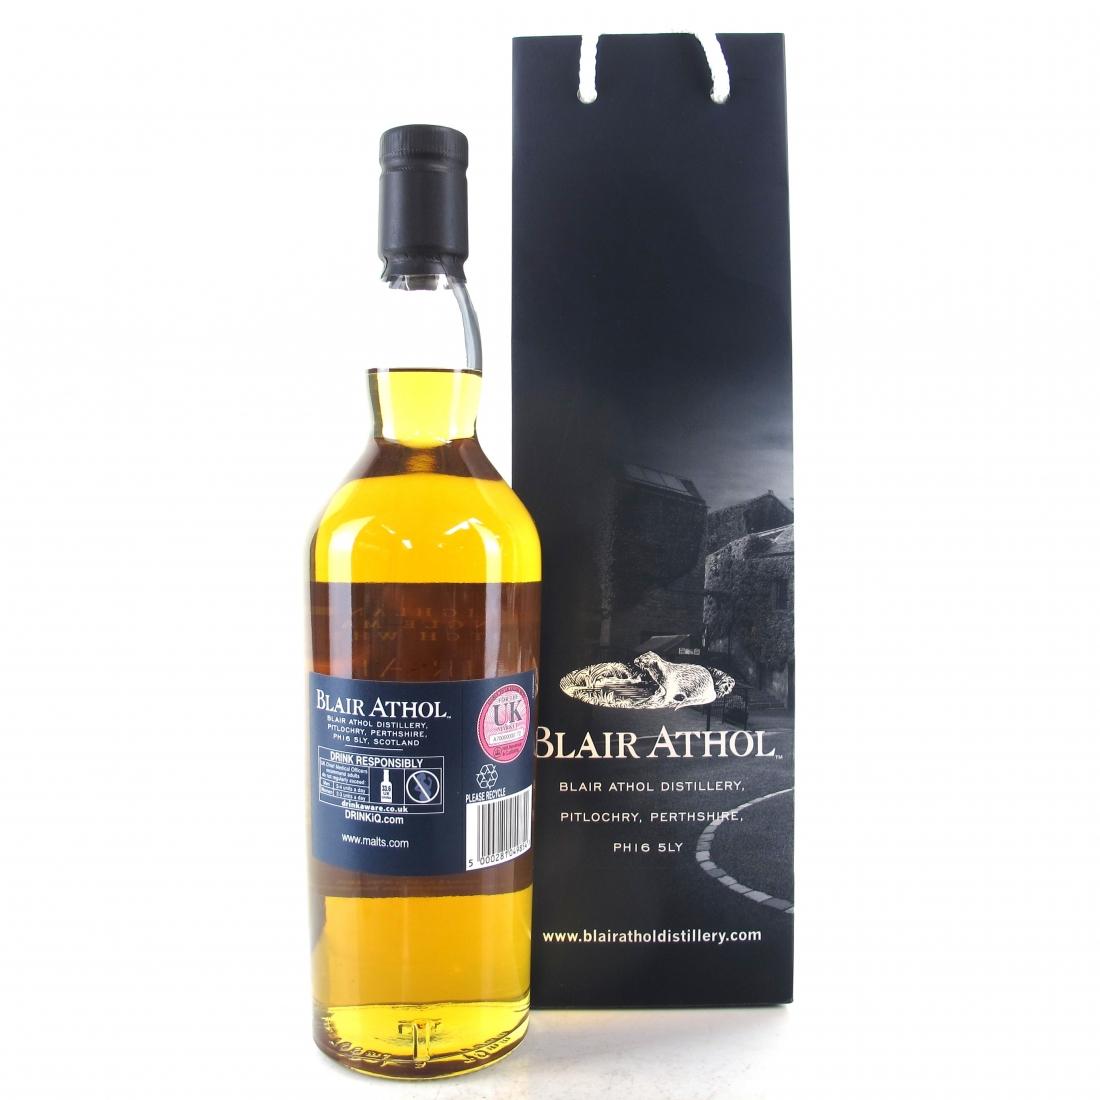 Blair Athol Distillery Exclusive 2017